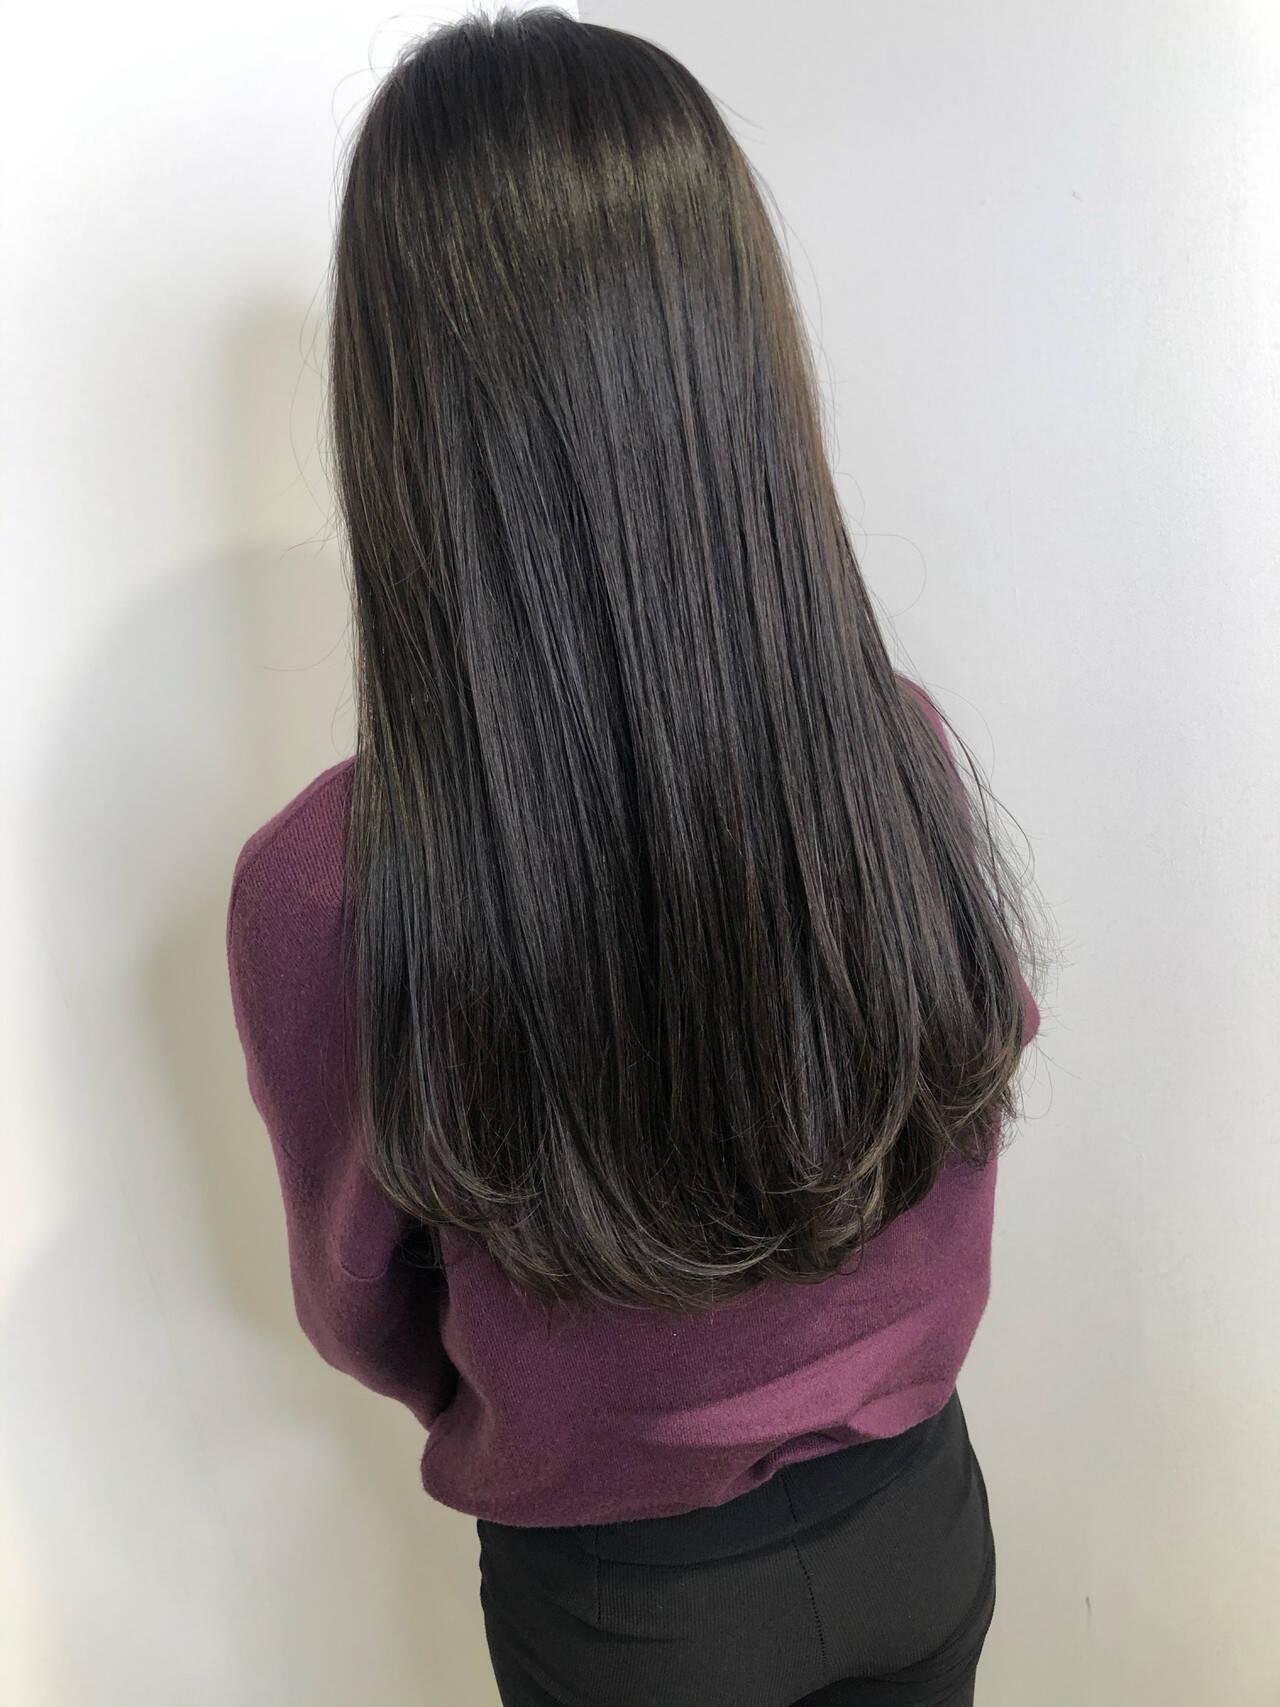 ブリーチなし 暗髪女子 ダークアッシュ ダークカラーヘアスタイルや髪型の写真・画像